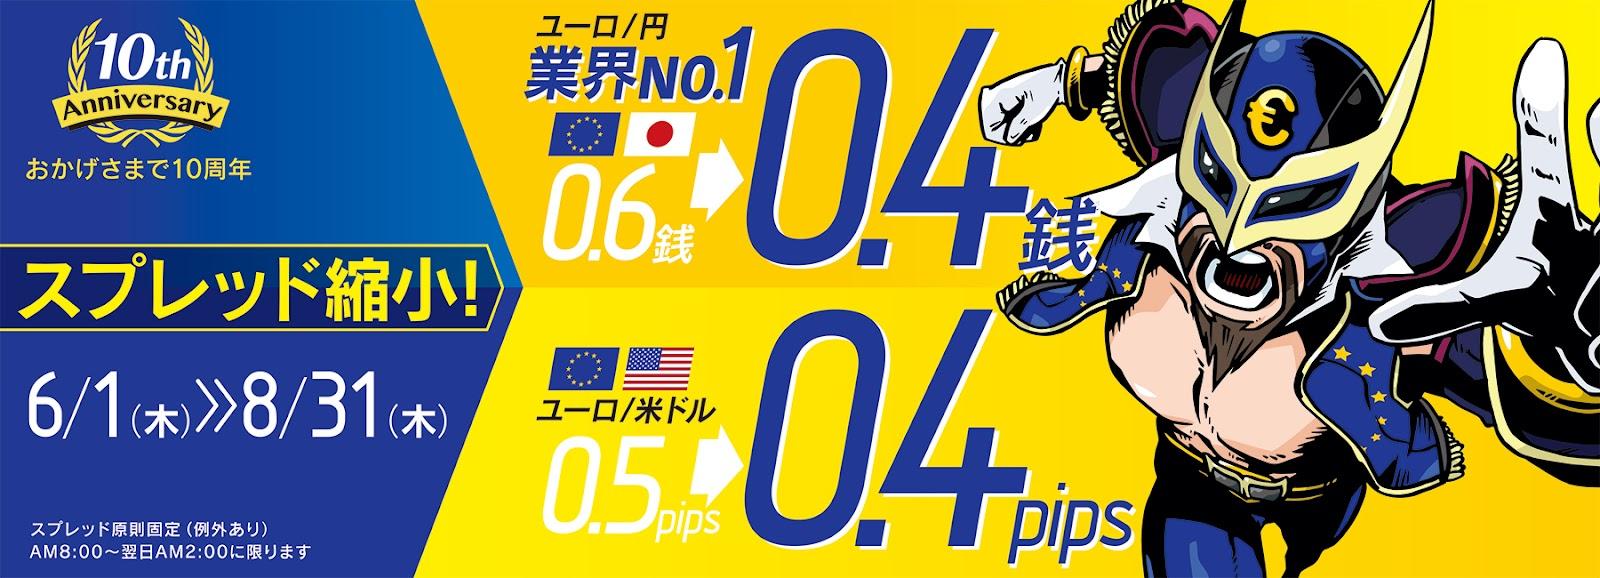 top_visual.jpg